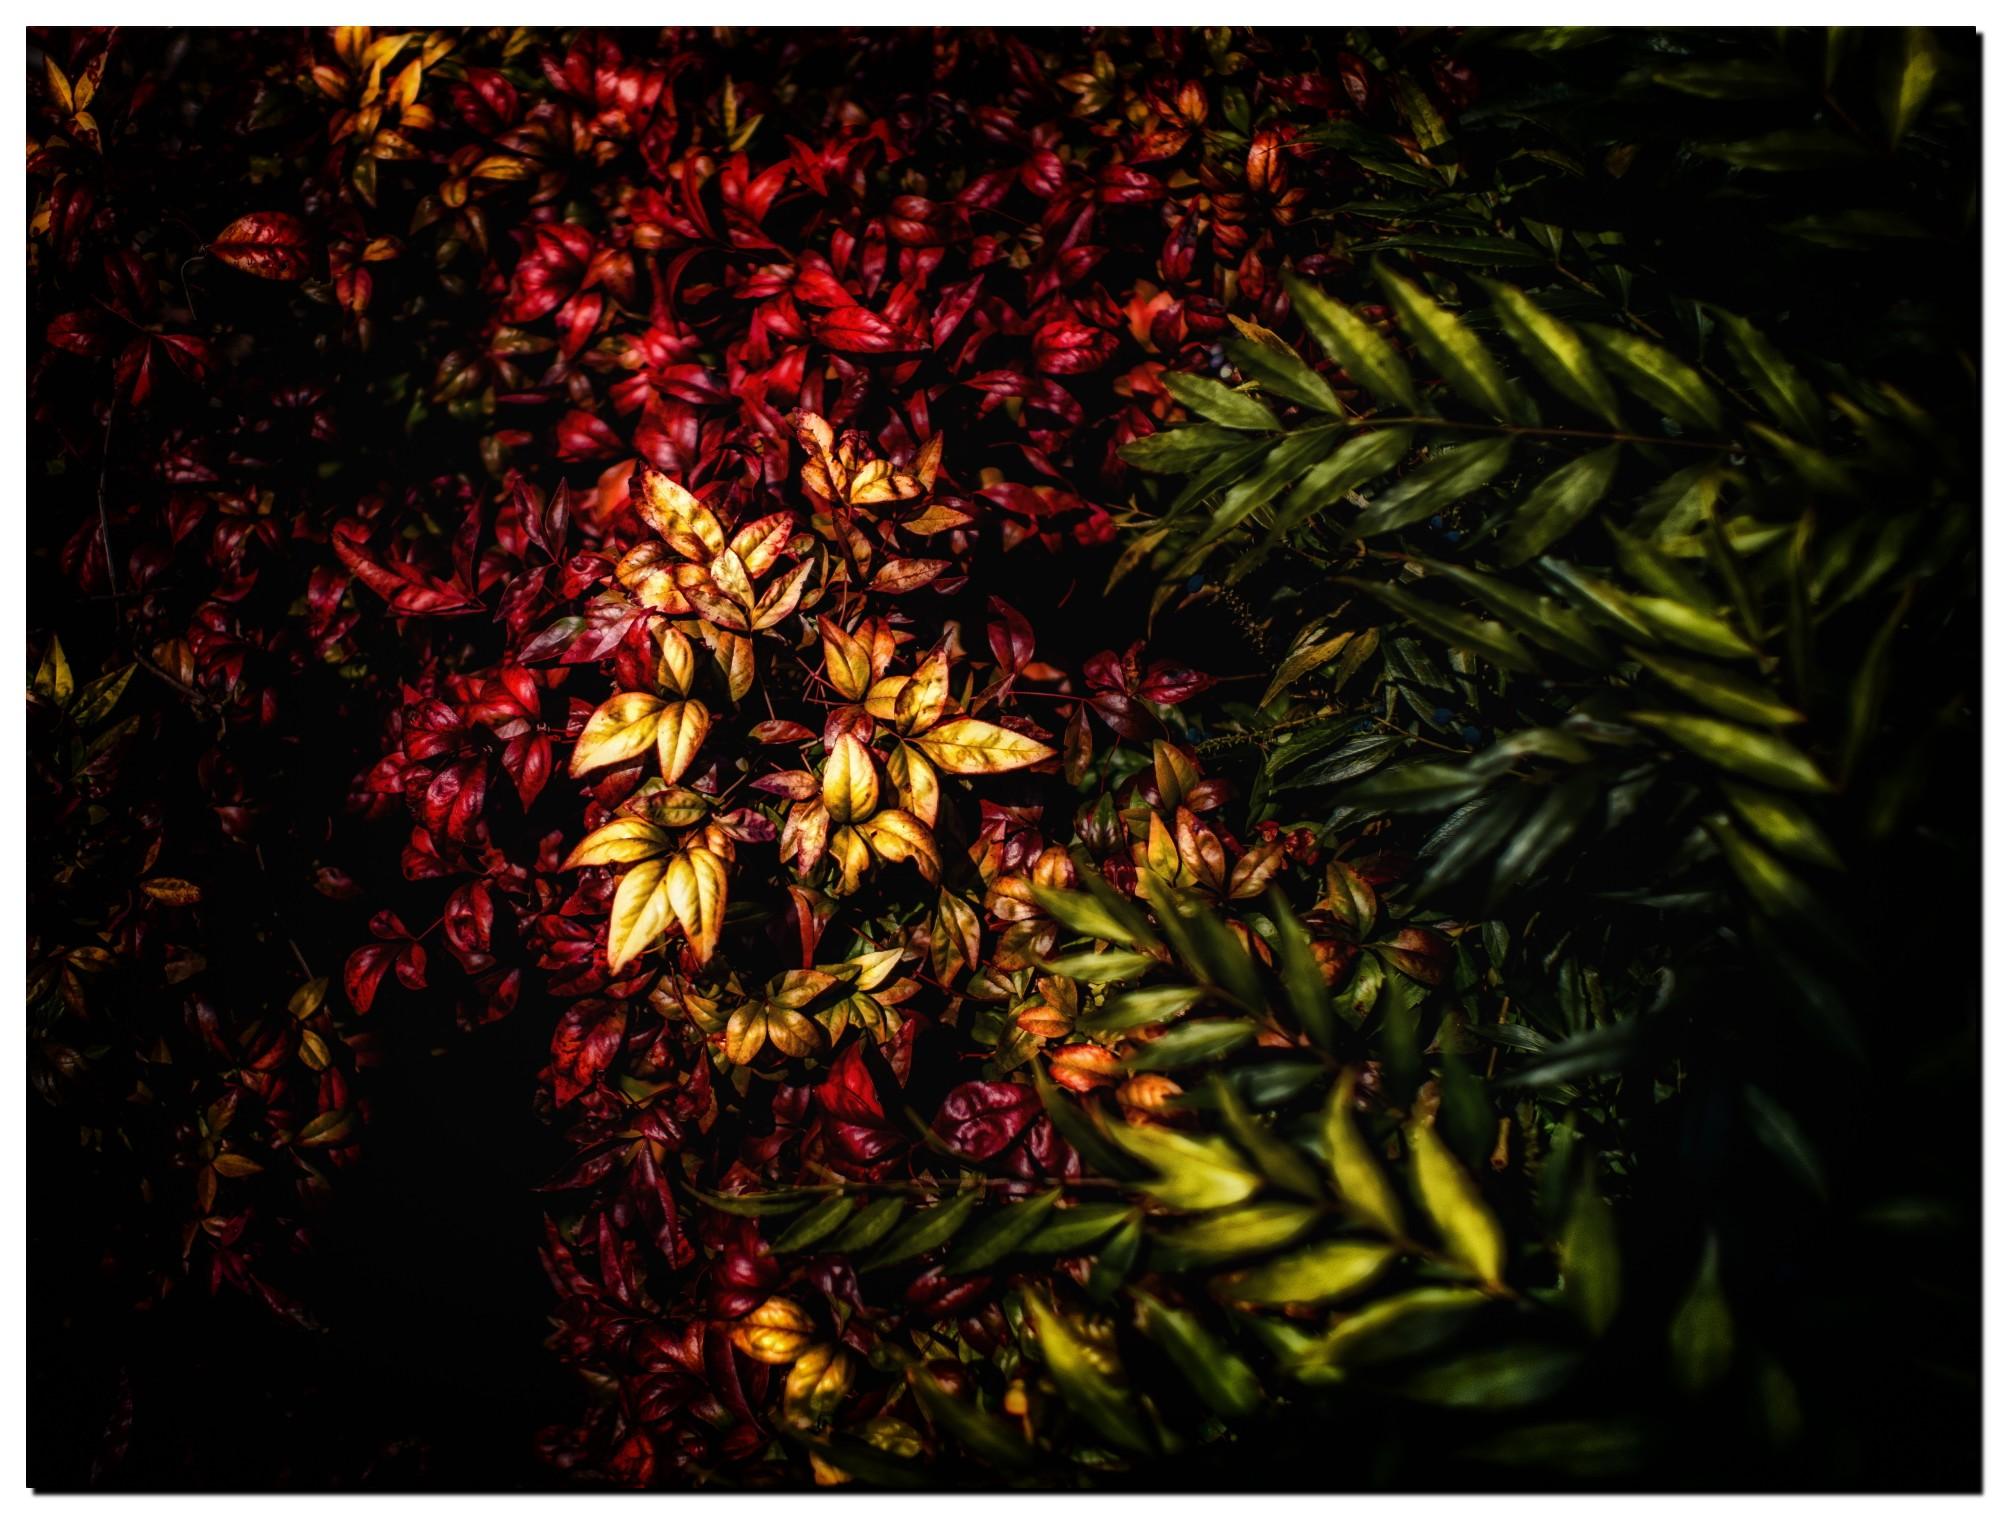 01LR-PF191968-Edit-2.jpg